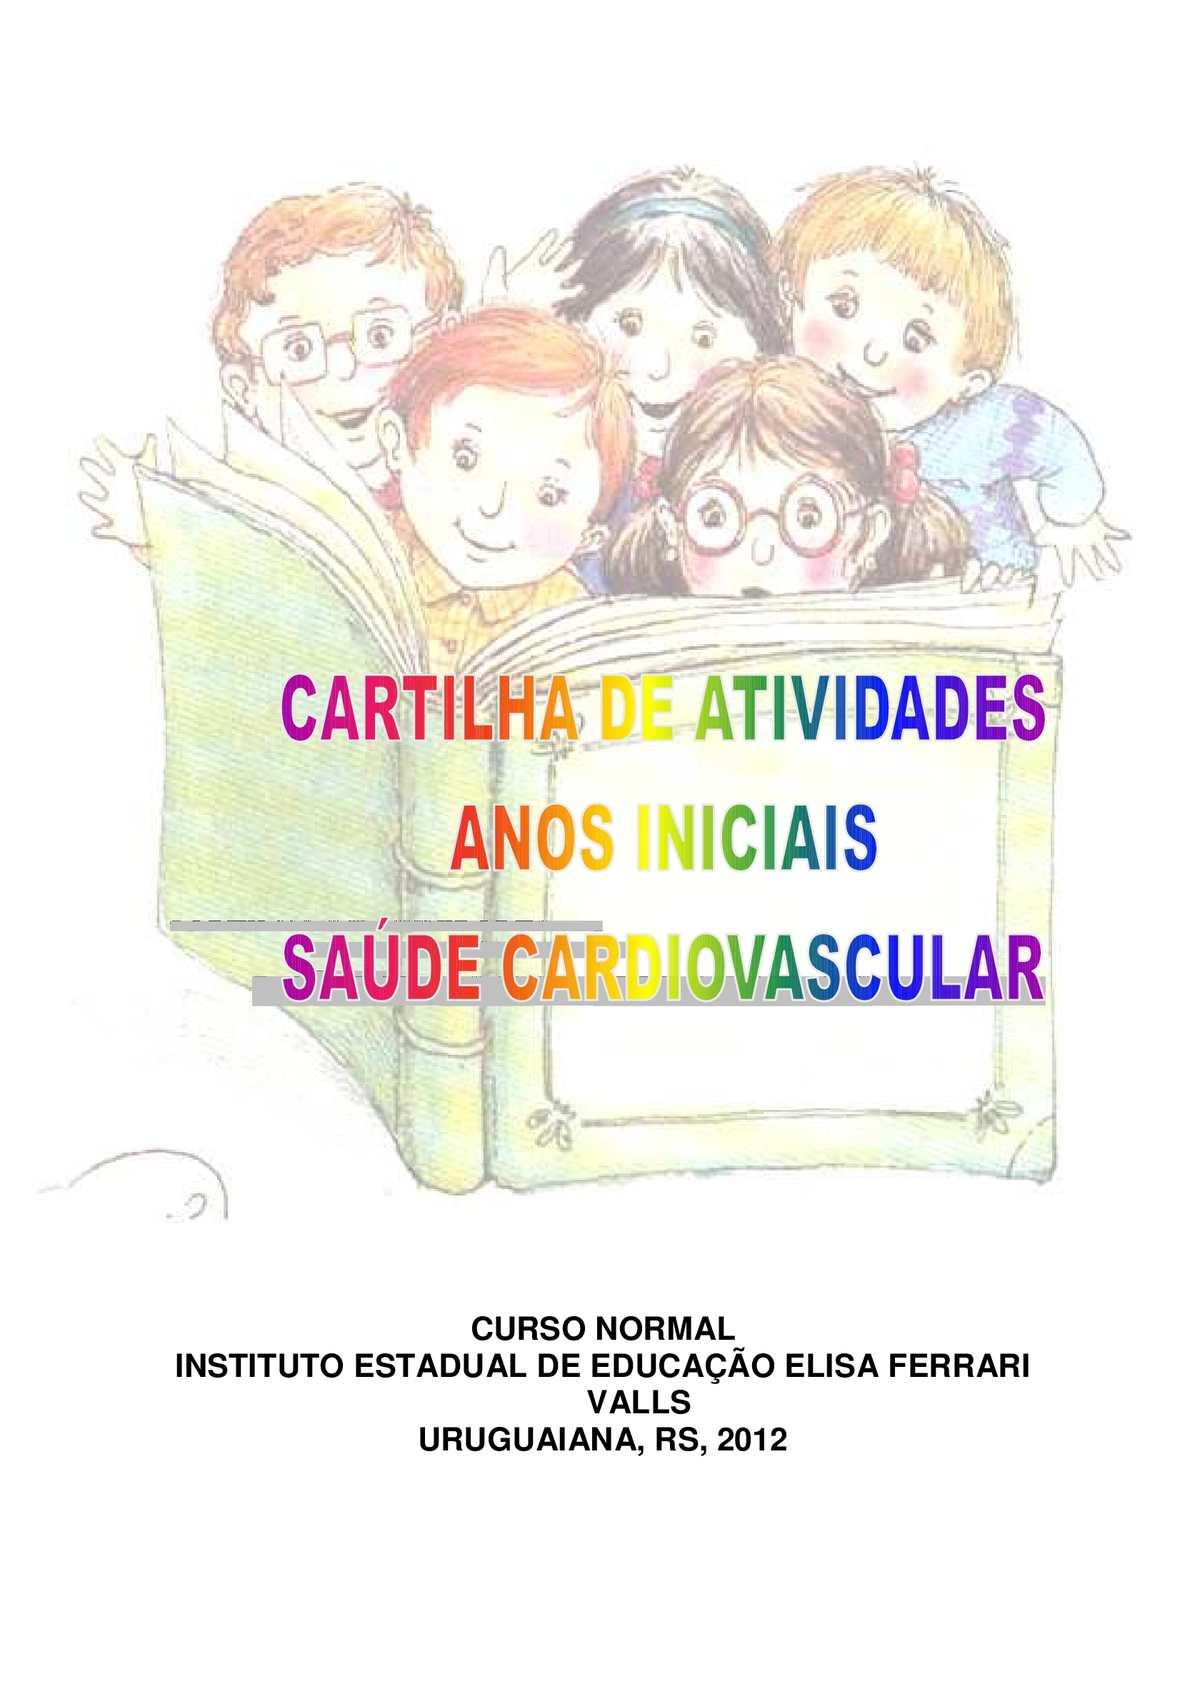 Calaméo - Cartilha de atividades (orientações para os professores) - anos  iniciais: saúde cardiovascular